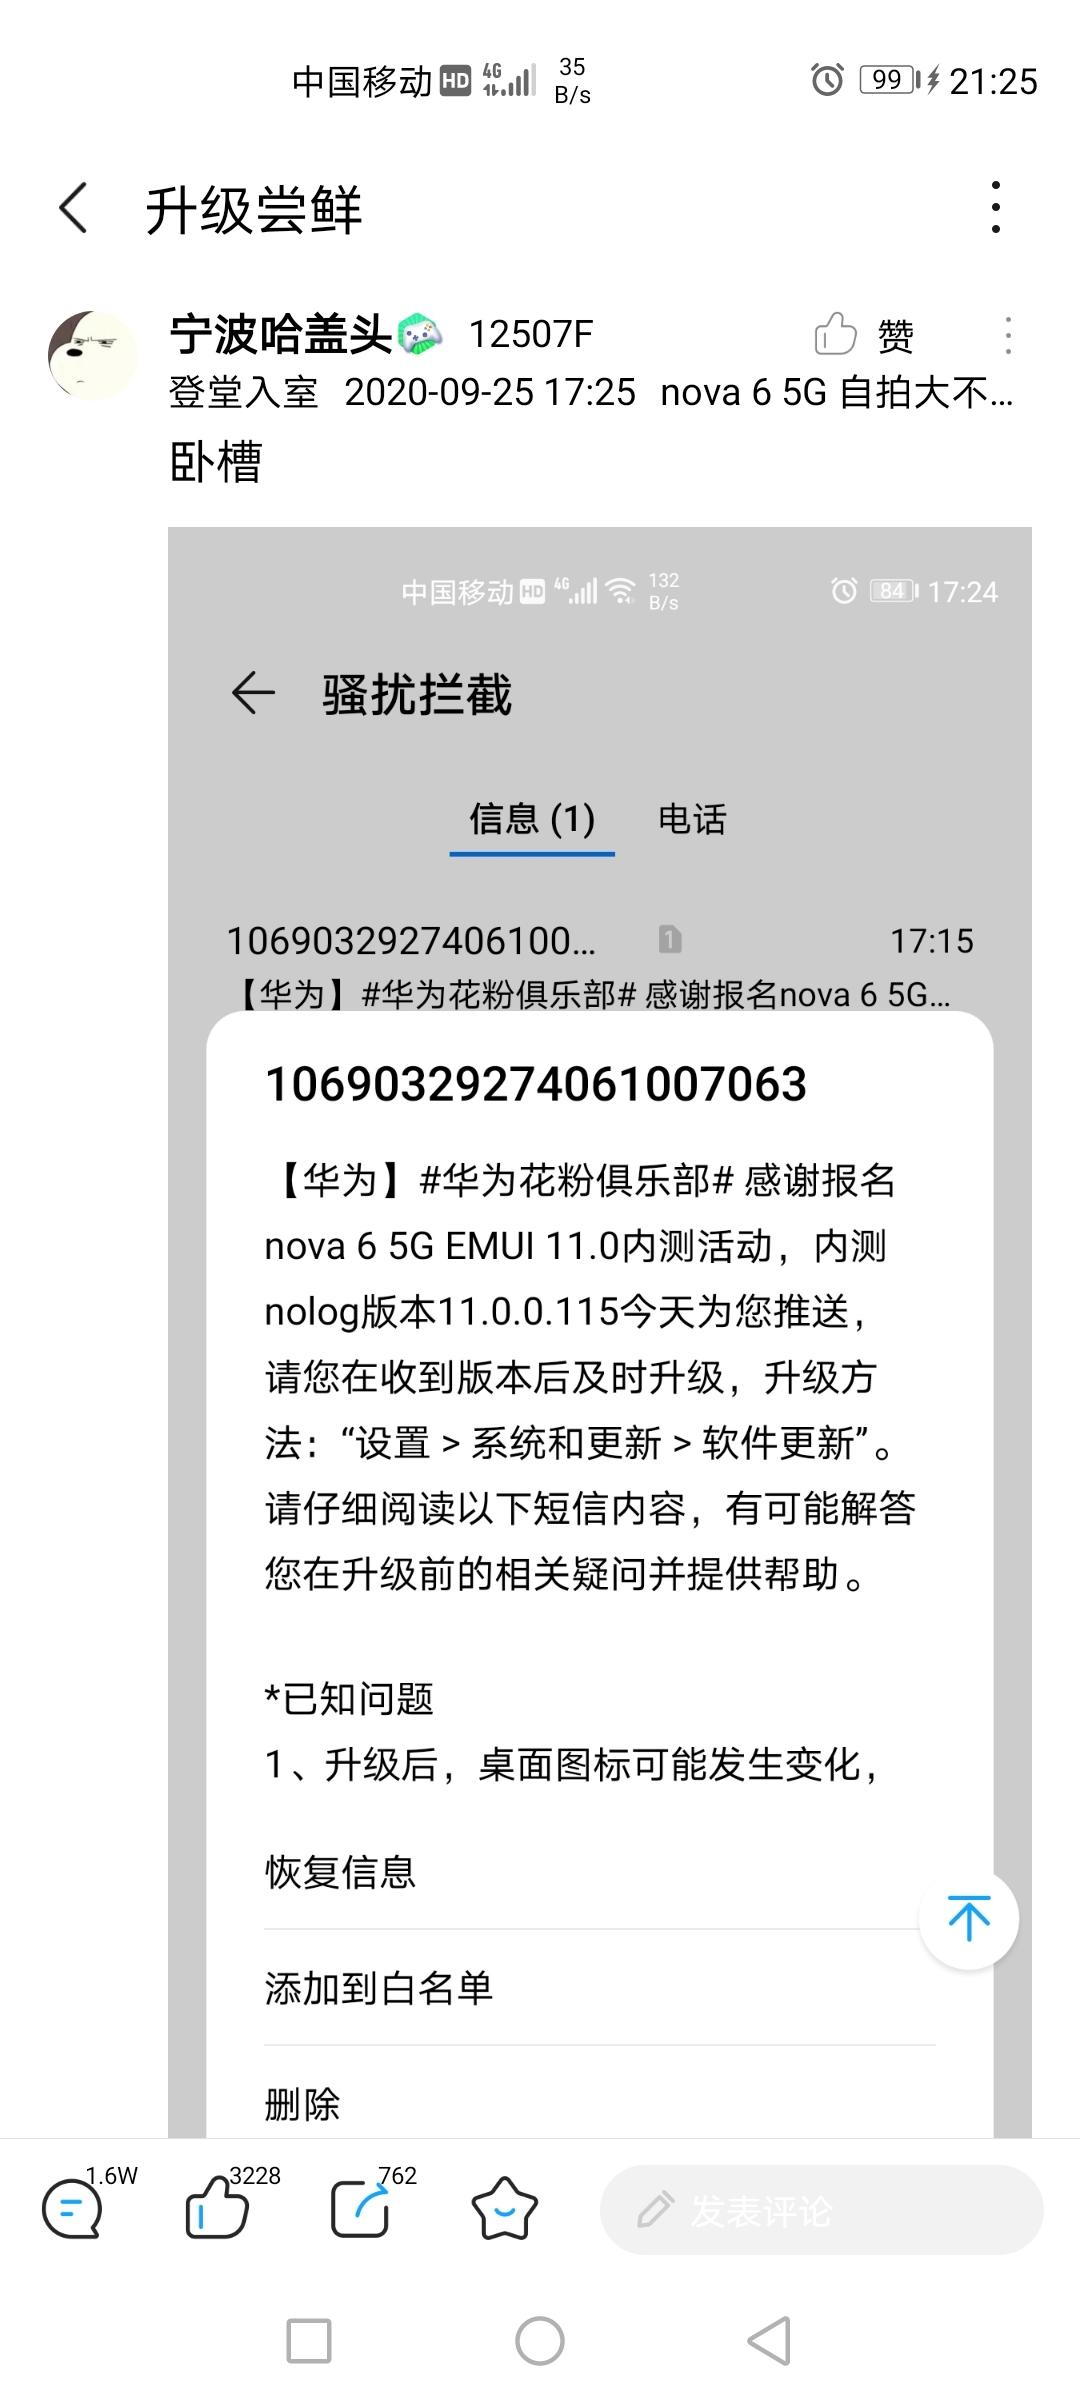 Screenshot_20201021_212540_com.huawei.fans.jpg